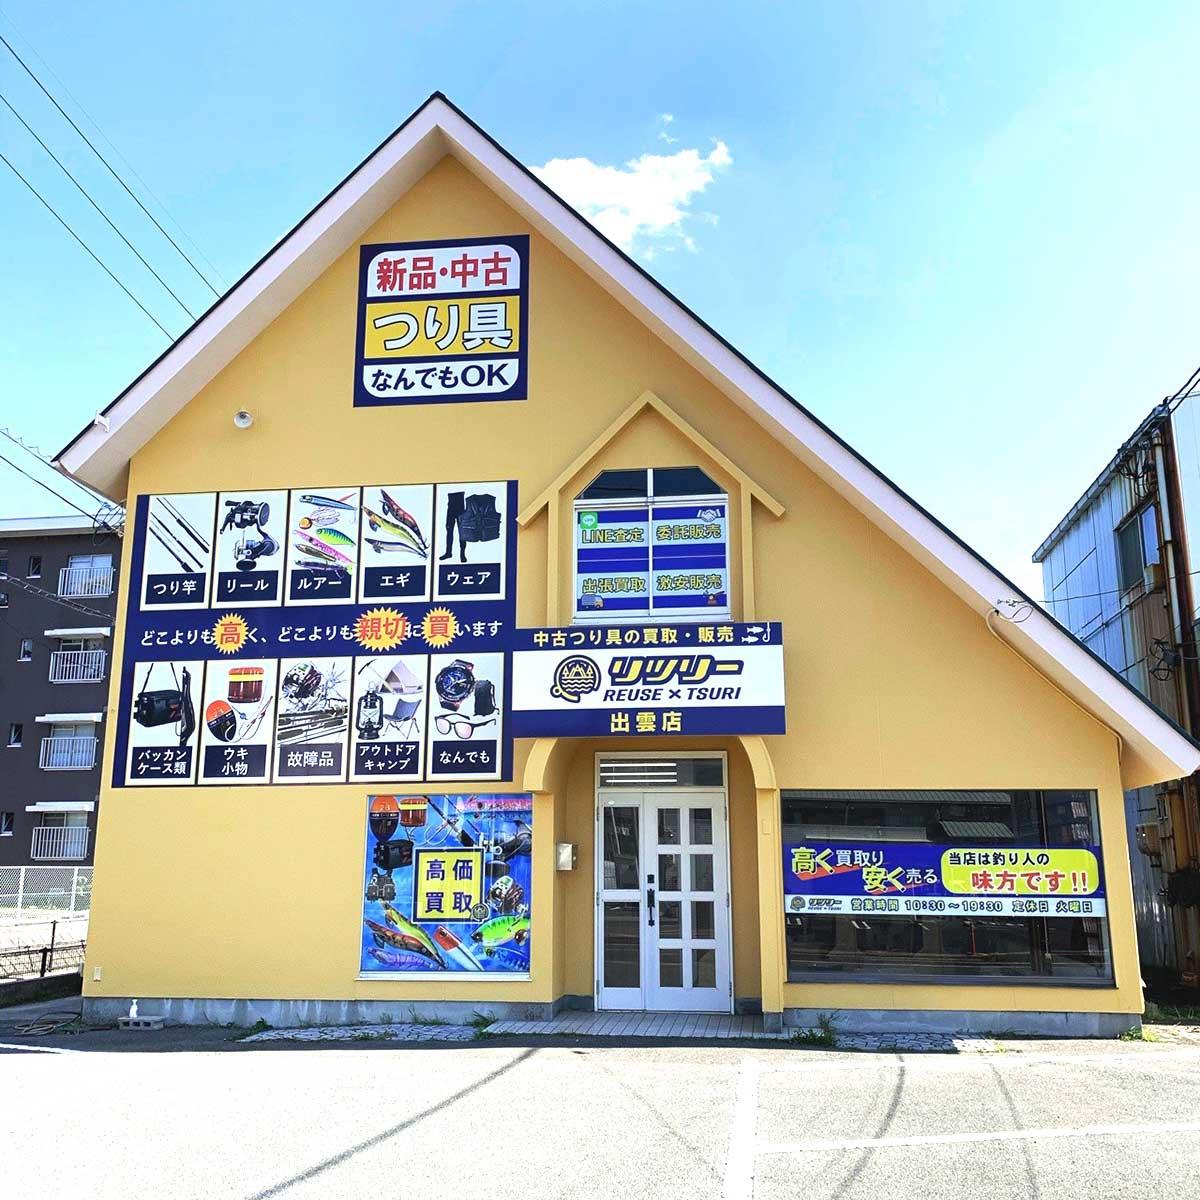 近隣に新品釣具店が多数ある立地に店舗展開